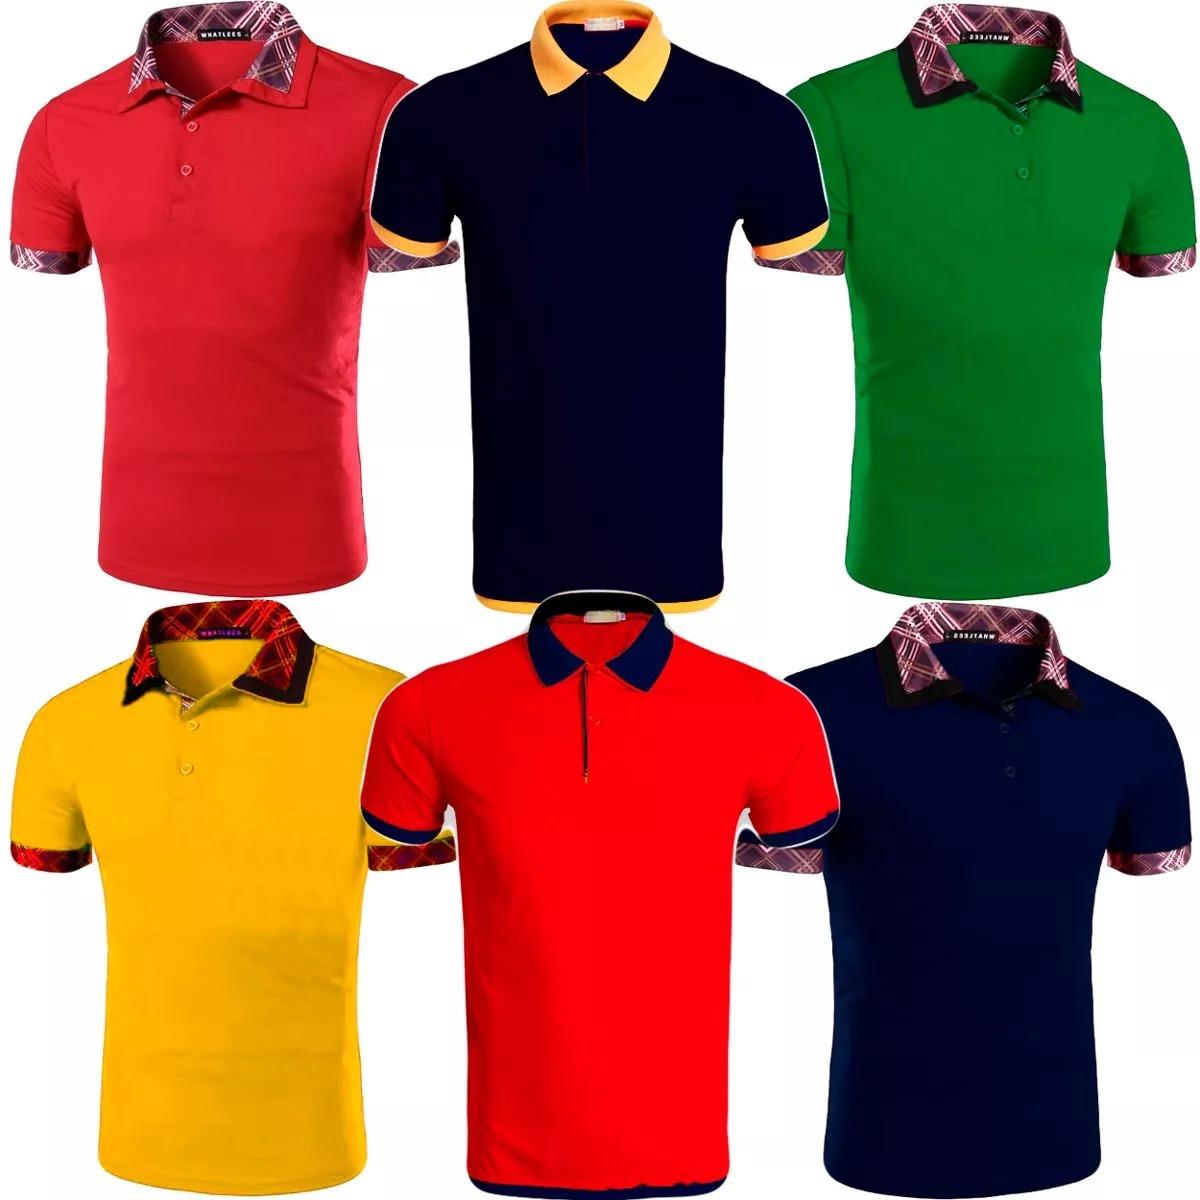 1e4de85f7997e kit 10 camisas polo masculina camiseta blusa de luxo atacado. Carregando  zoom.